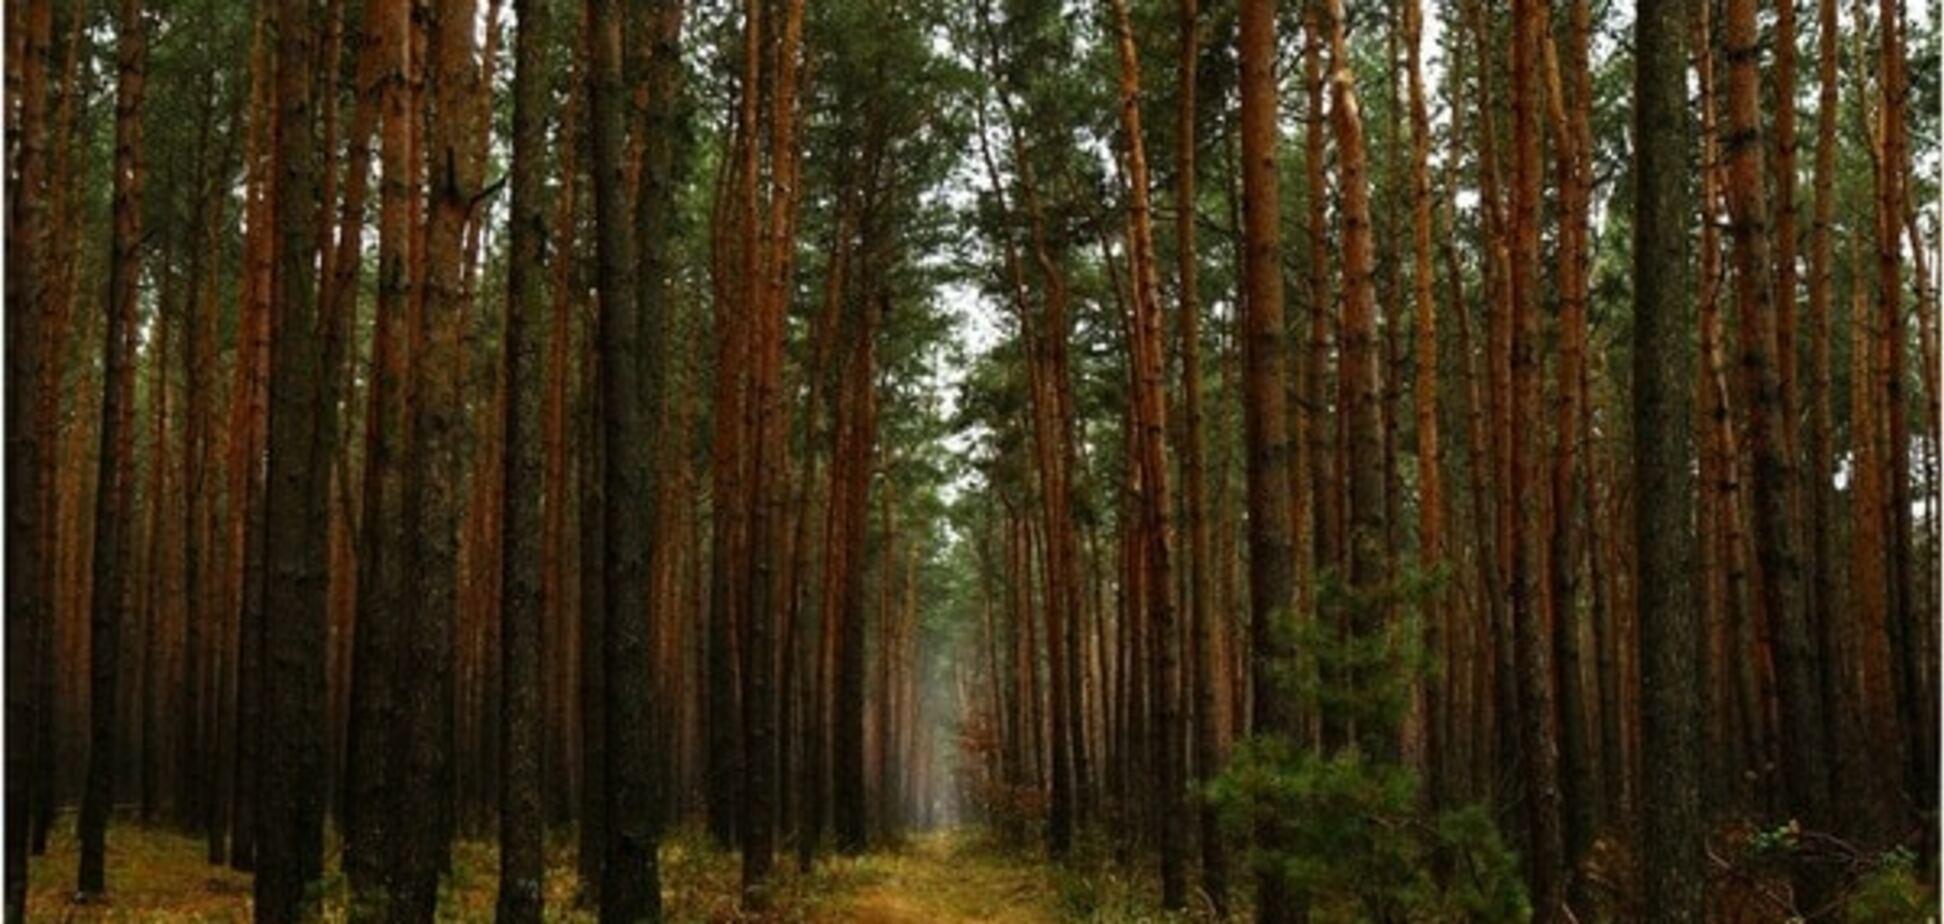 Еколог Борейко запропонував радикальний спосіб боротьби з вирубками лісу